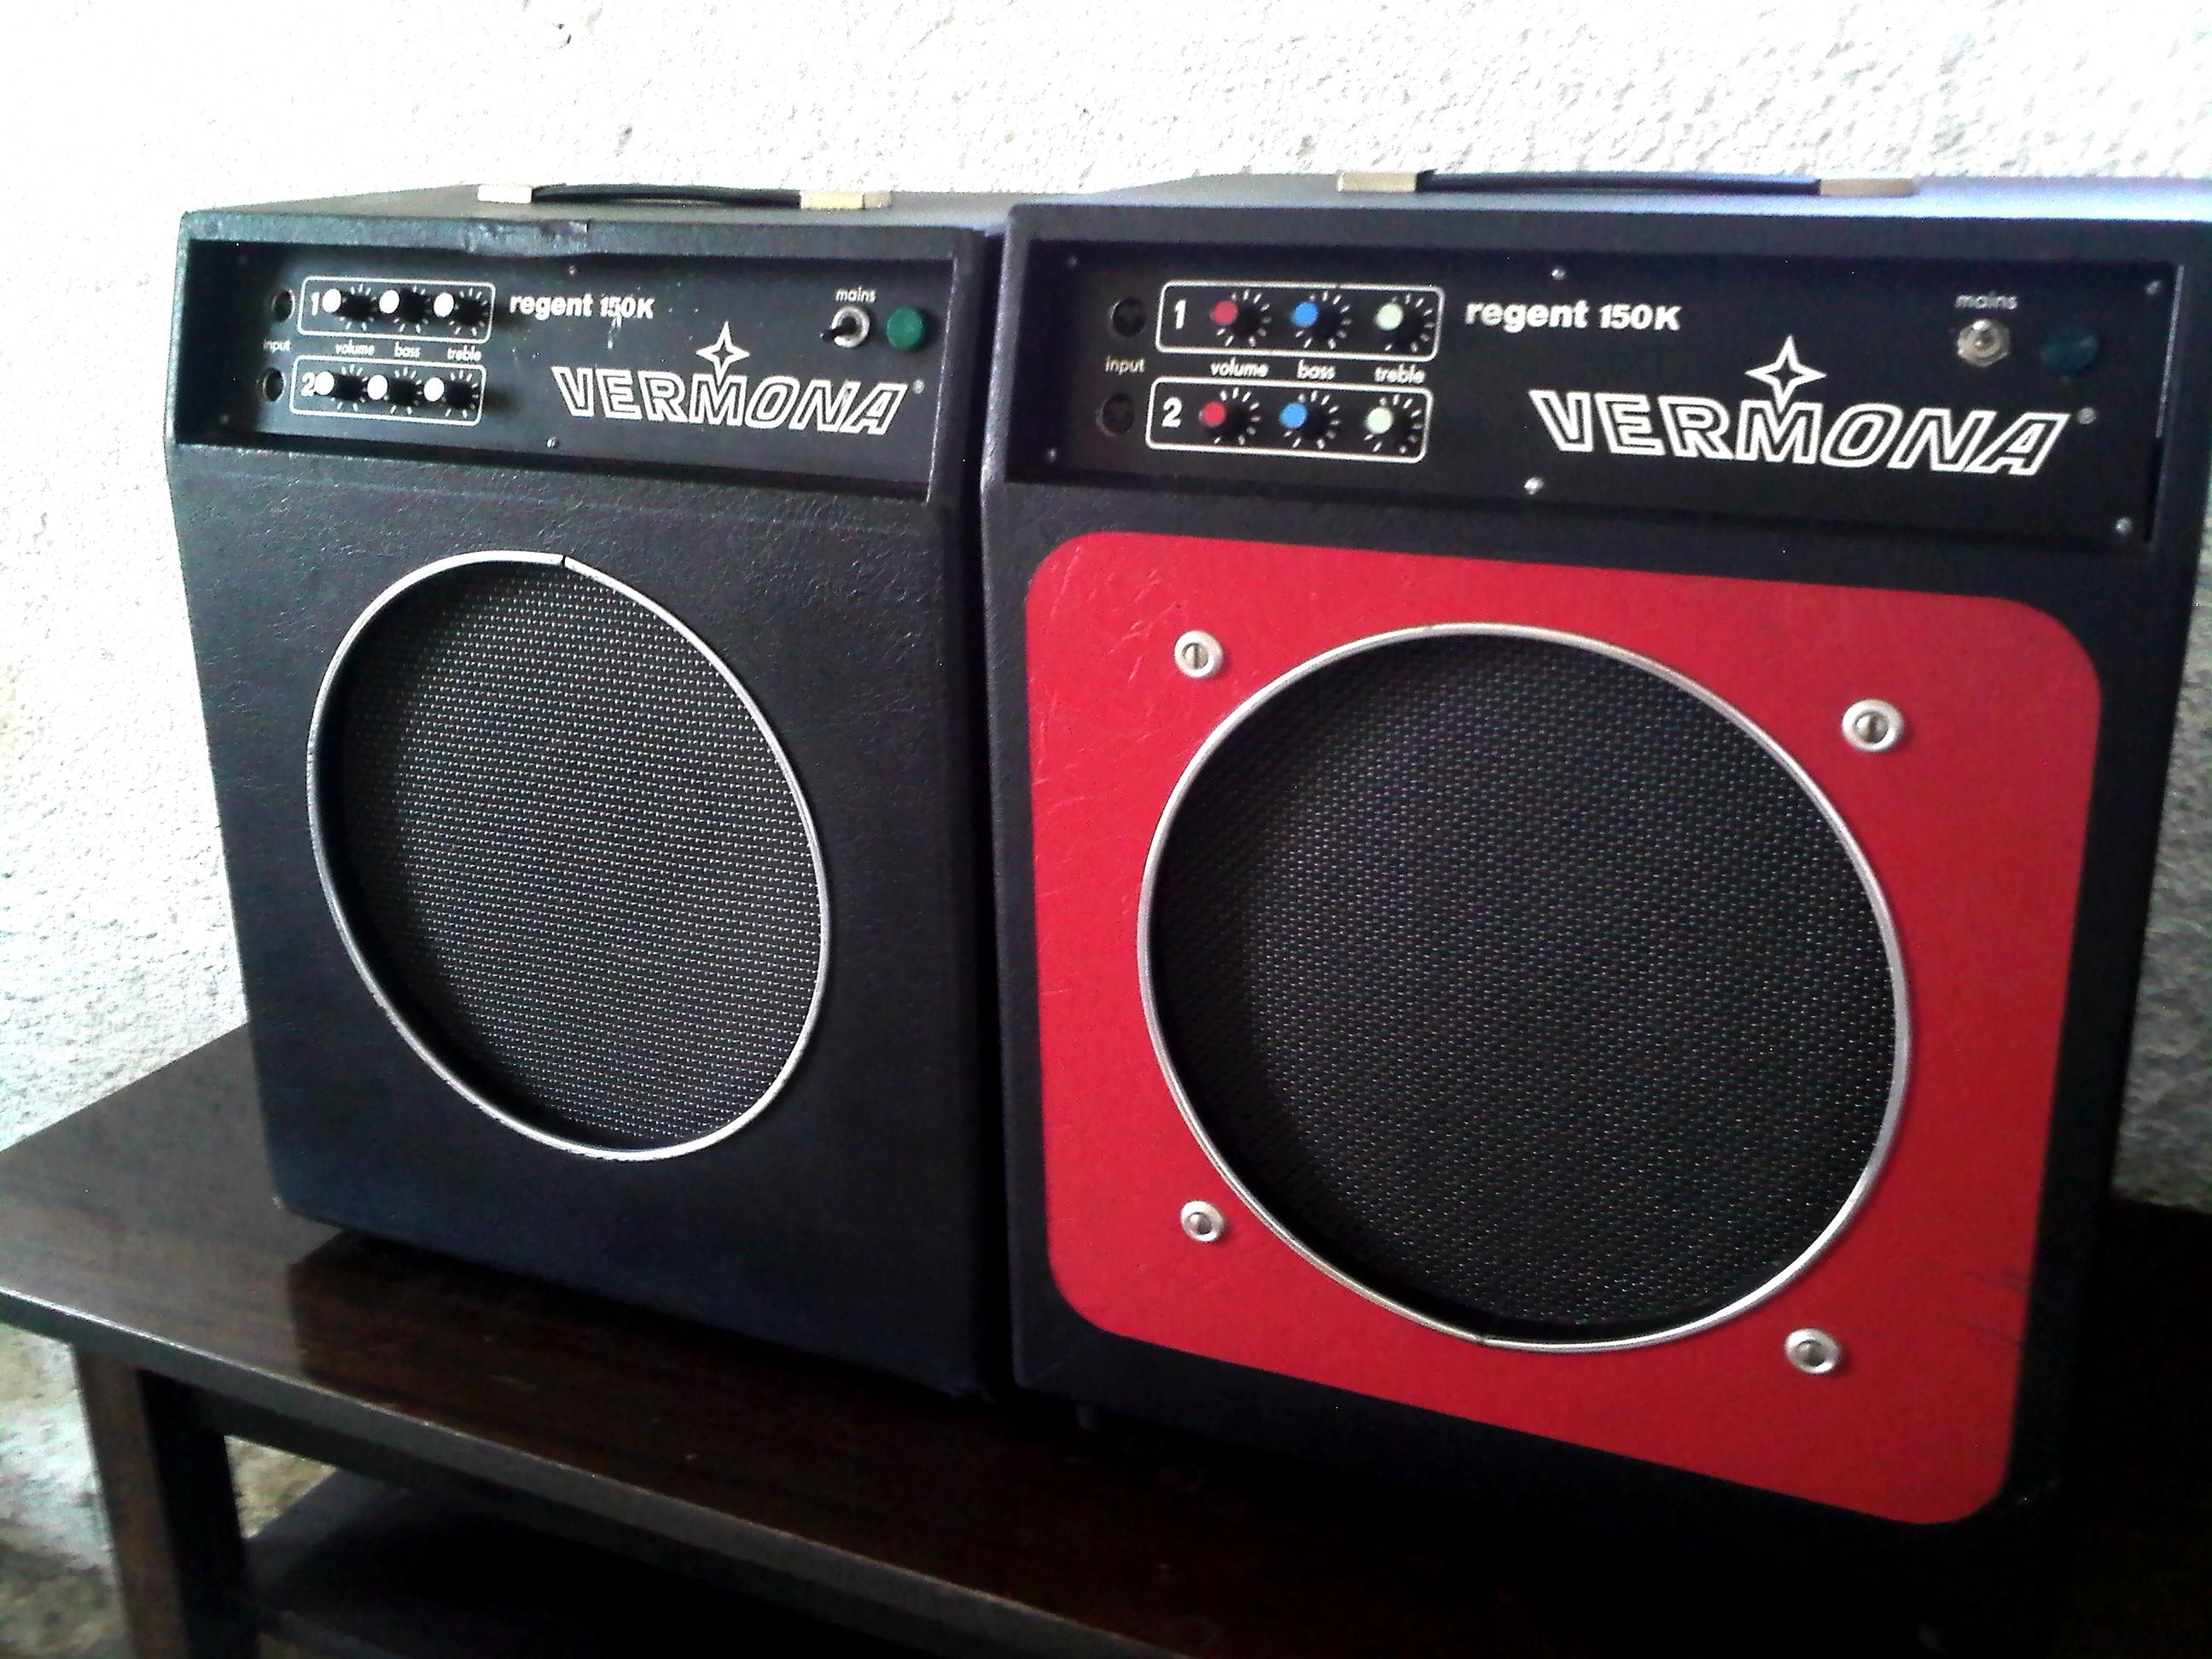 [Sprzedam] Piece gitarowe Vermona Regent 150k, PR�BKI brzmienia, przej�ci�wka!